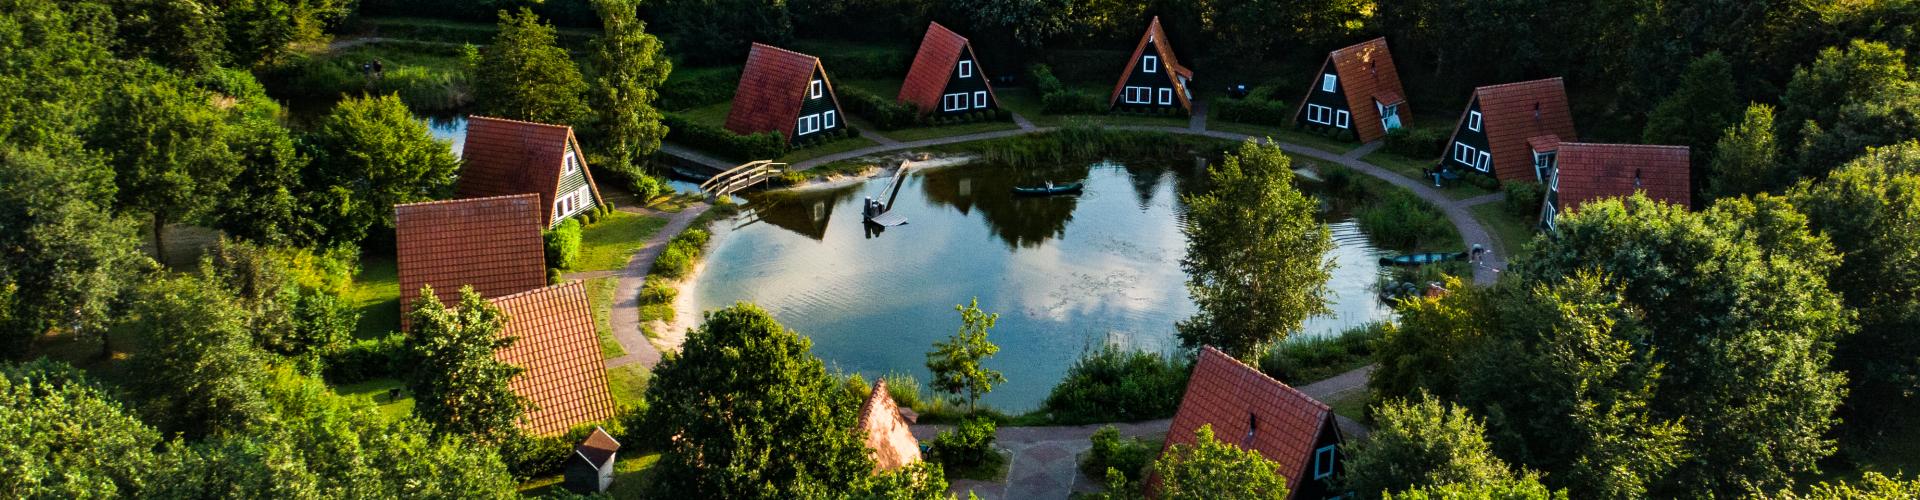 Vind jij hier jouw groepsaccommodatie in Nederland? Keuze uit meer dan 200 locaties!